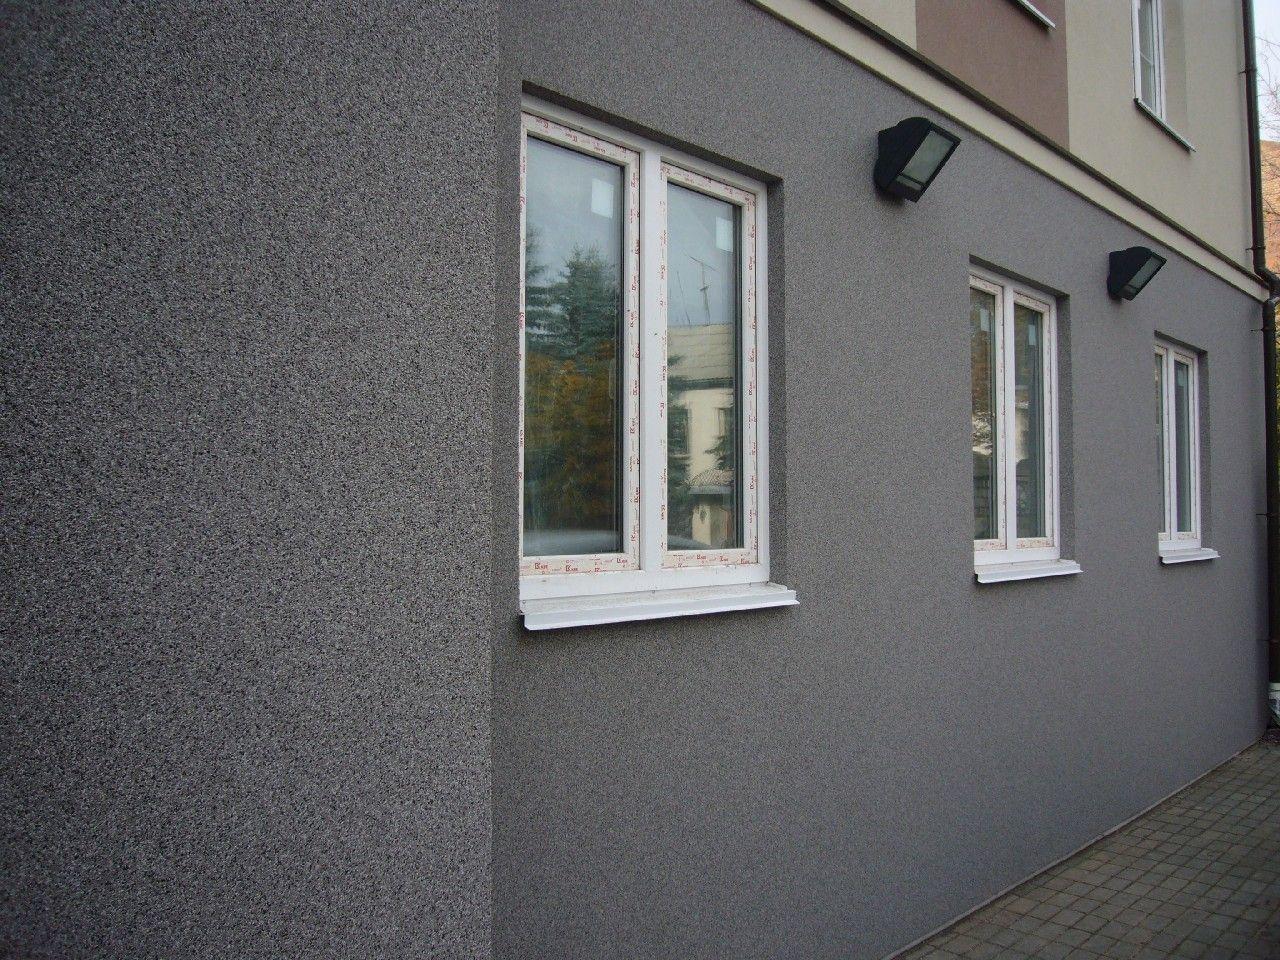 снимок отделка домов мраморной крошкой фото будут искать способы